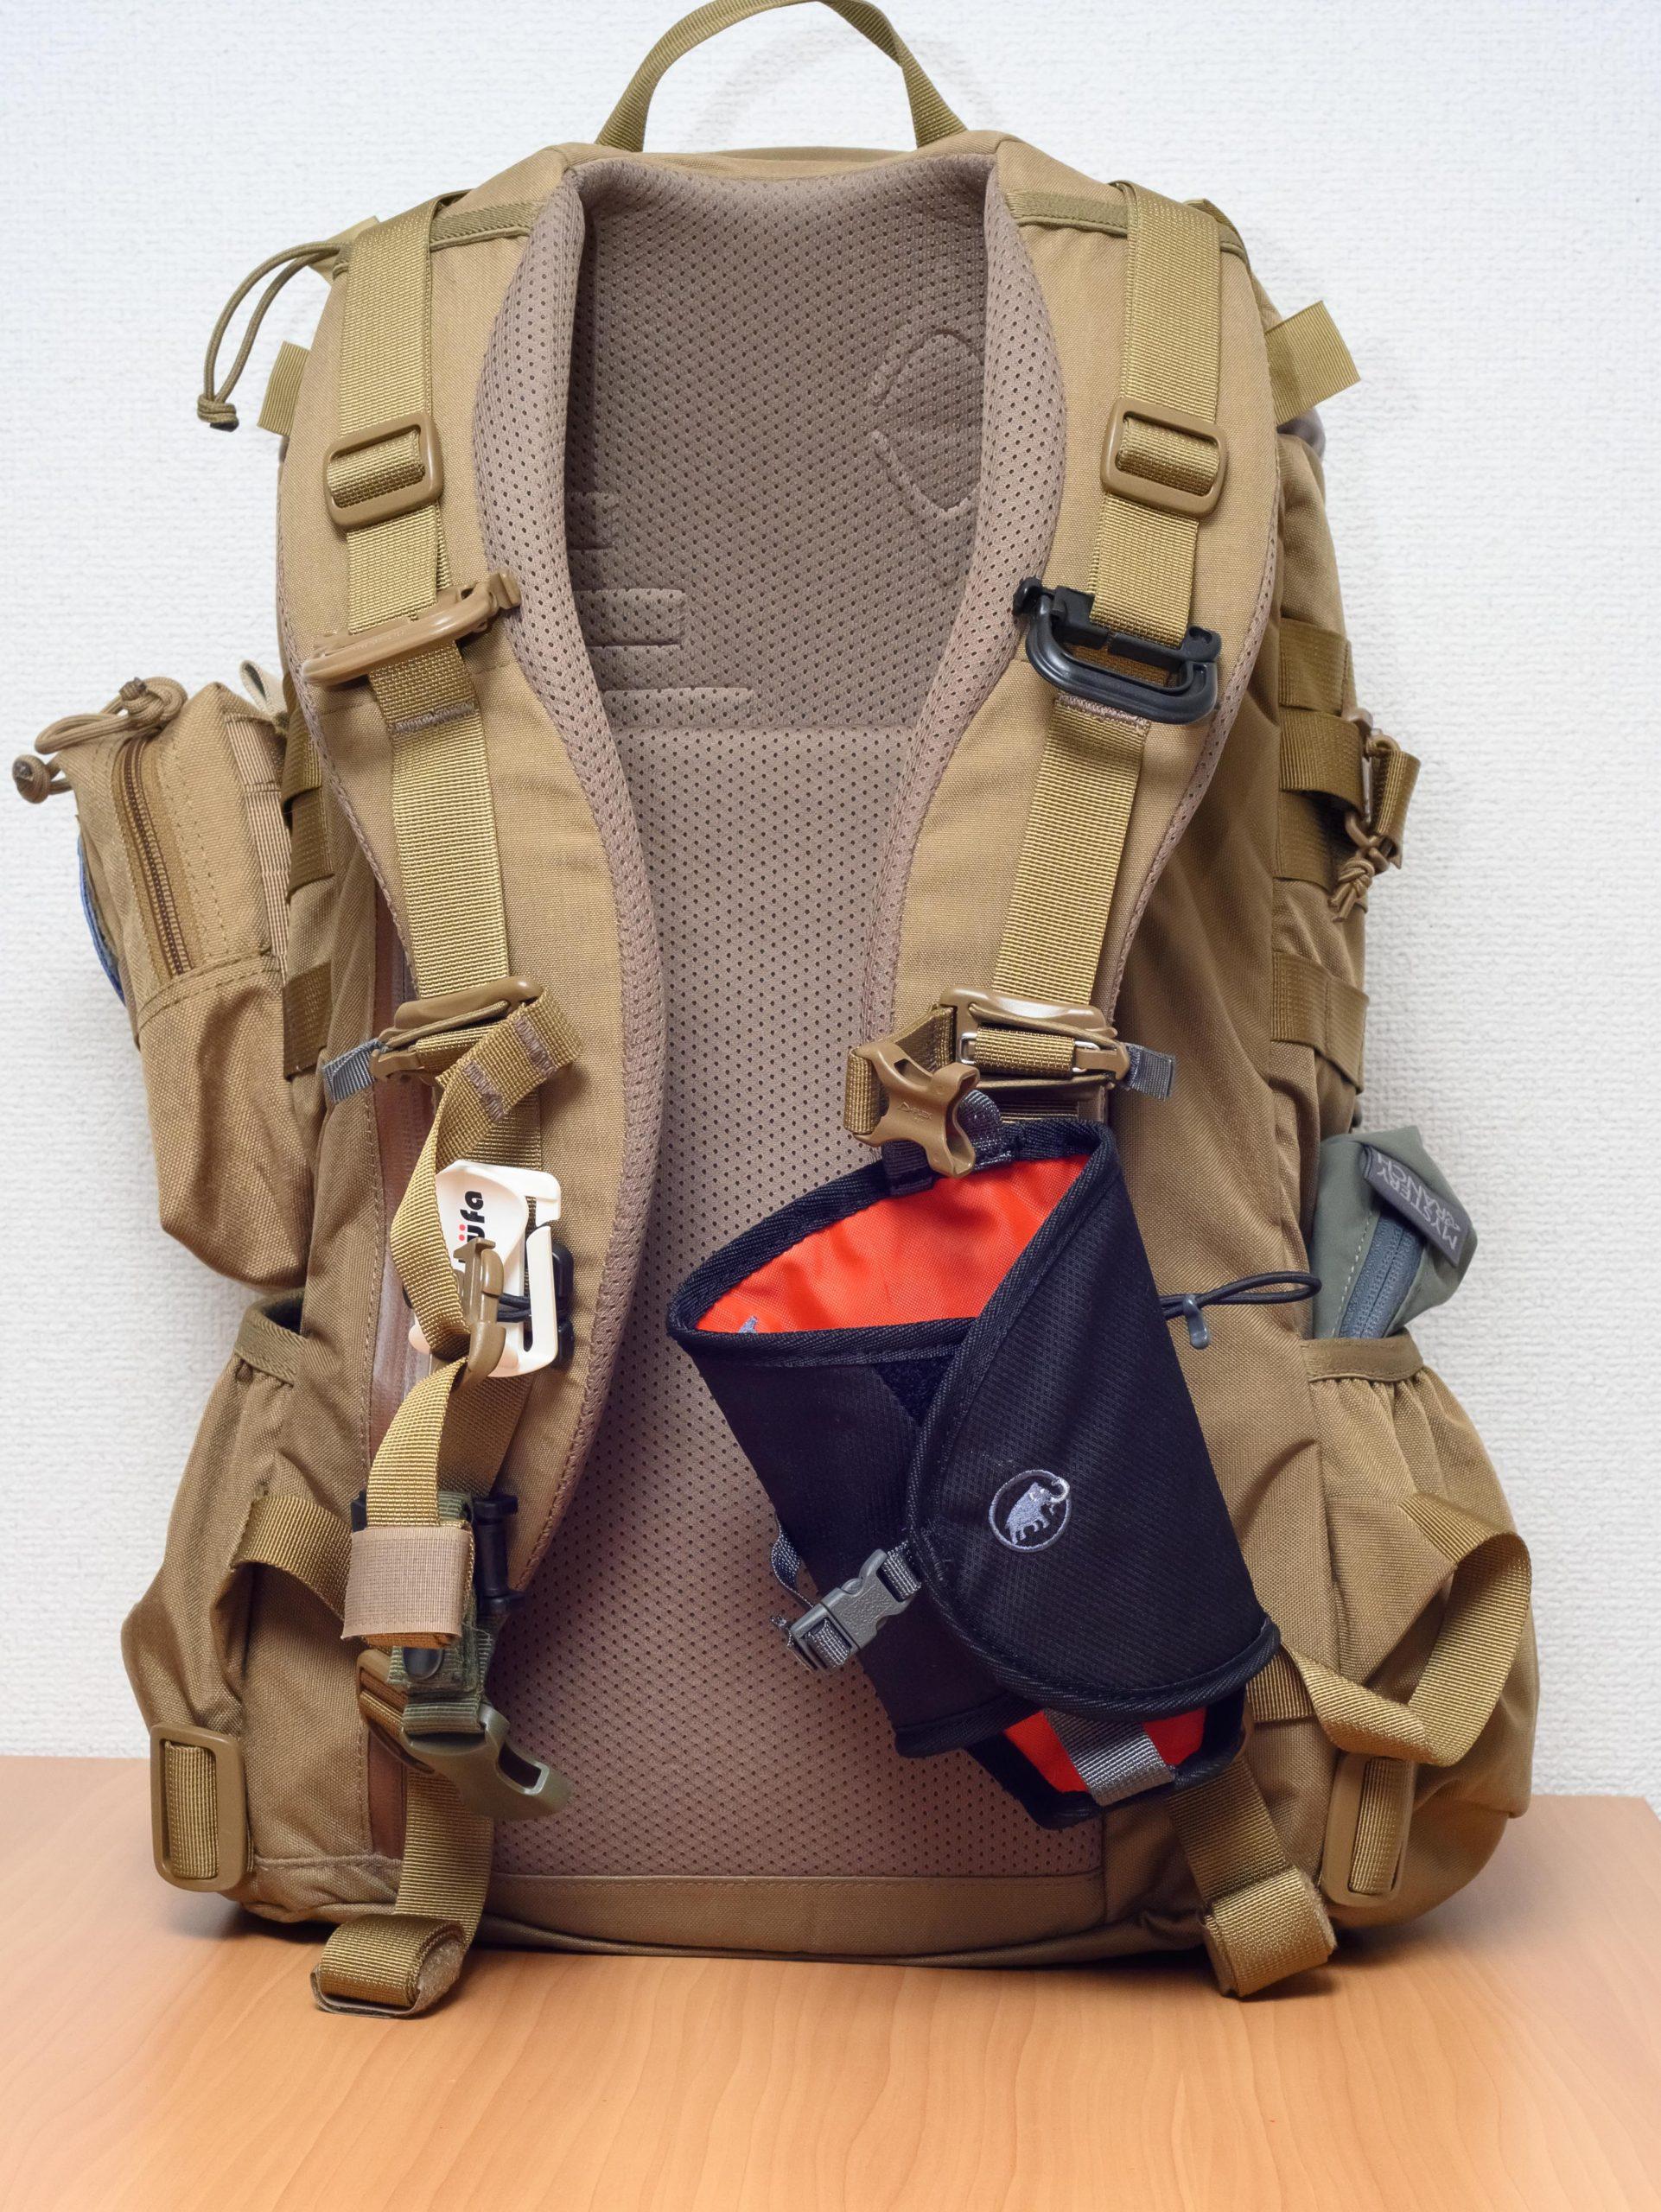 マムート ドリンクホルダー MAMMUT Add-on bottle holder